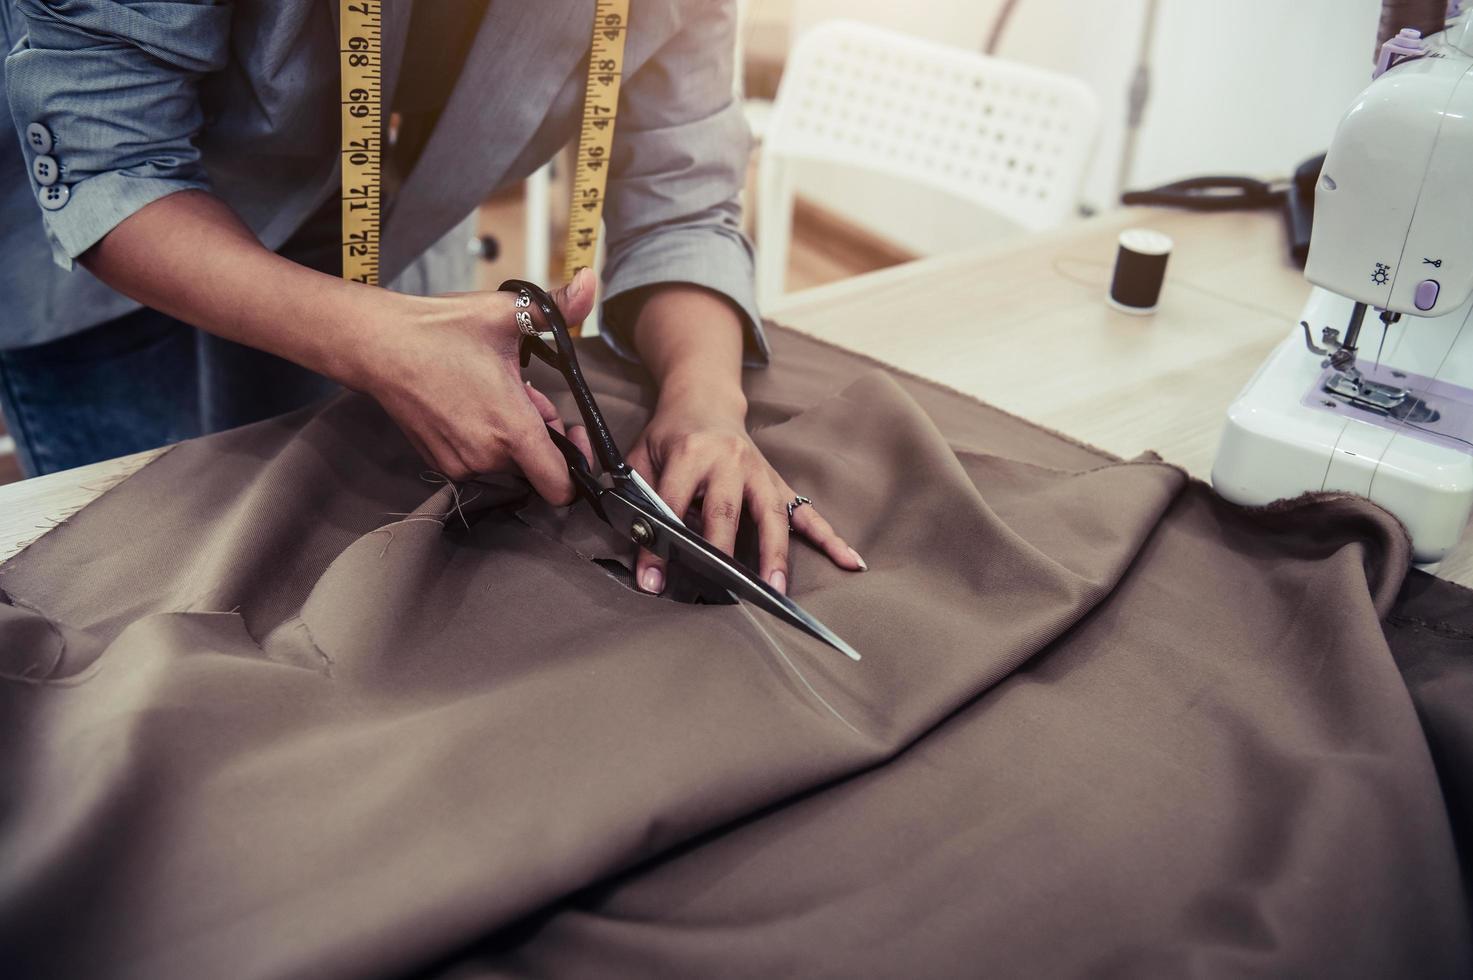 tissu de coupe de couturière photo